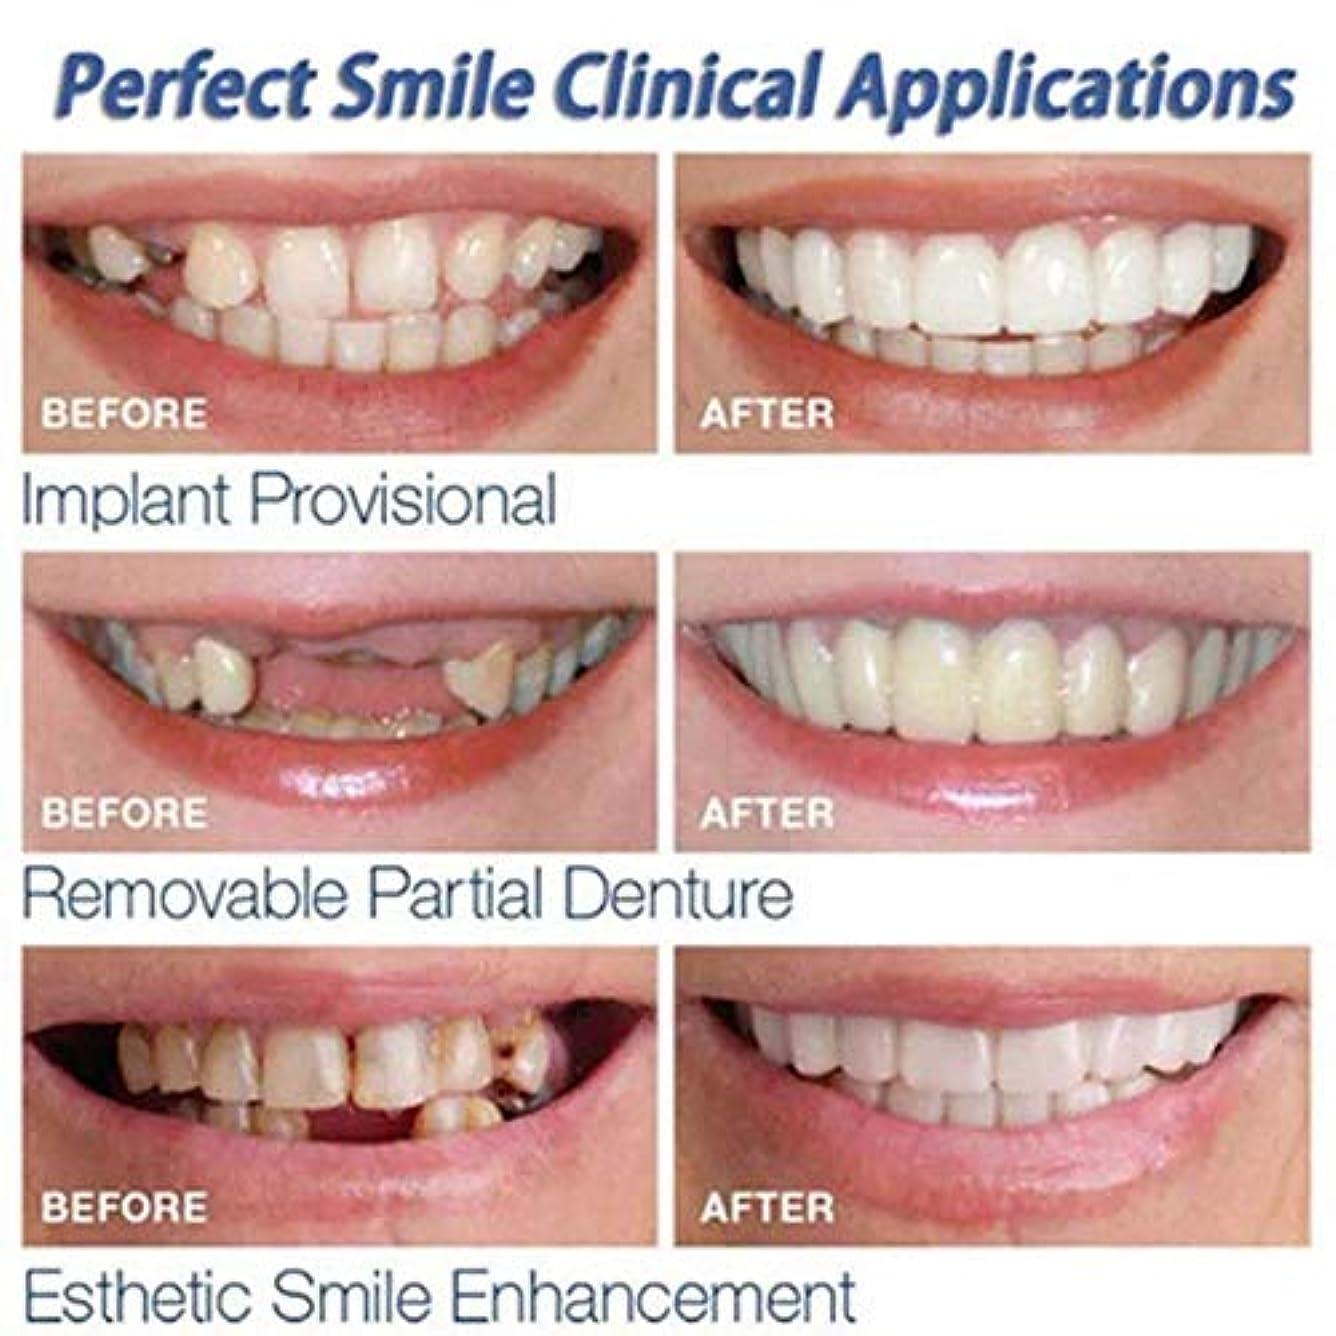 合理的期待する識別する3PCS上下歯シミュレーションブレース、第2世代シリコーン模擬歯、(プラスチックボックス、OPPバッグ付き),Opppackaging